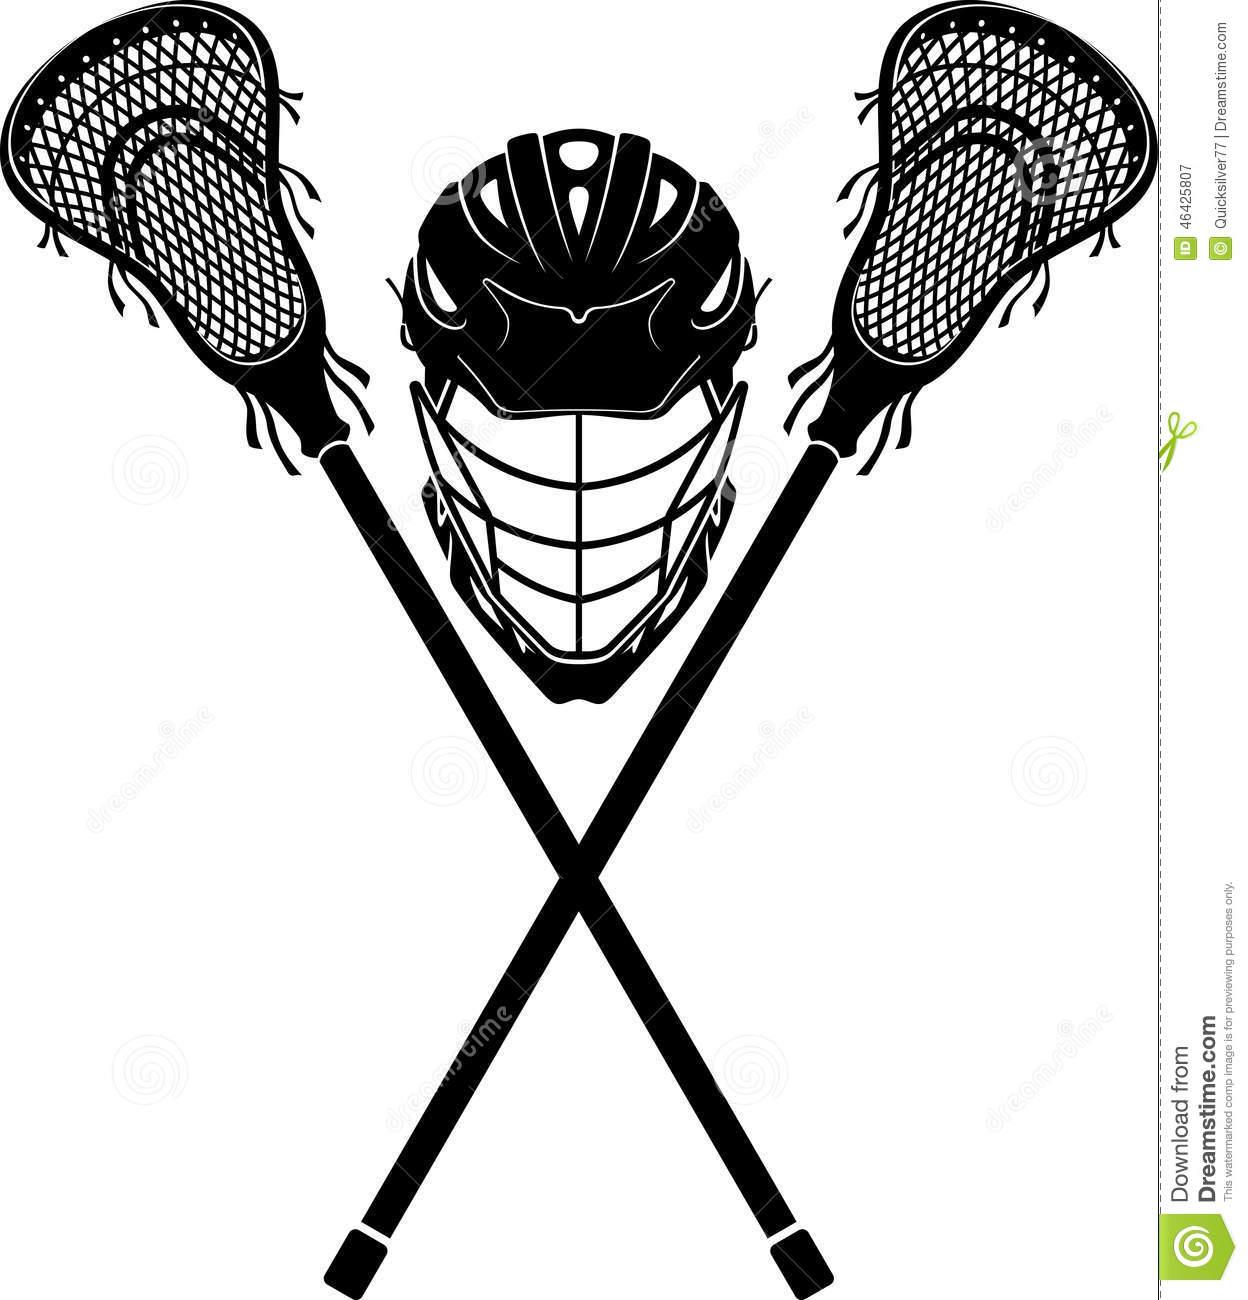 Lacrosse Images